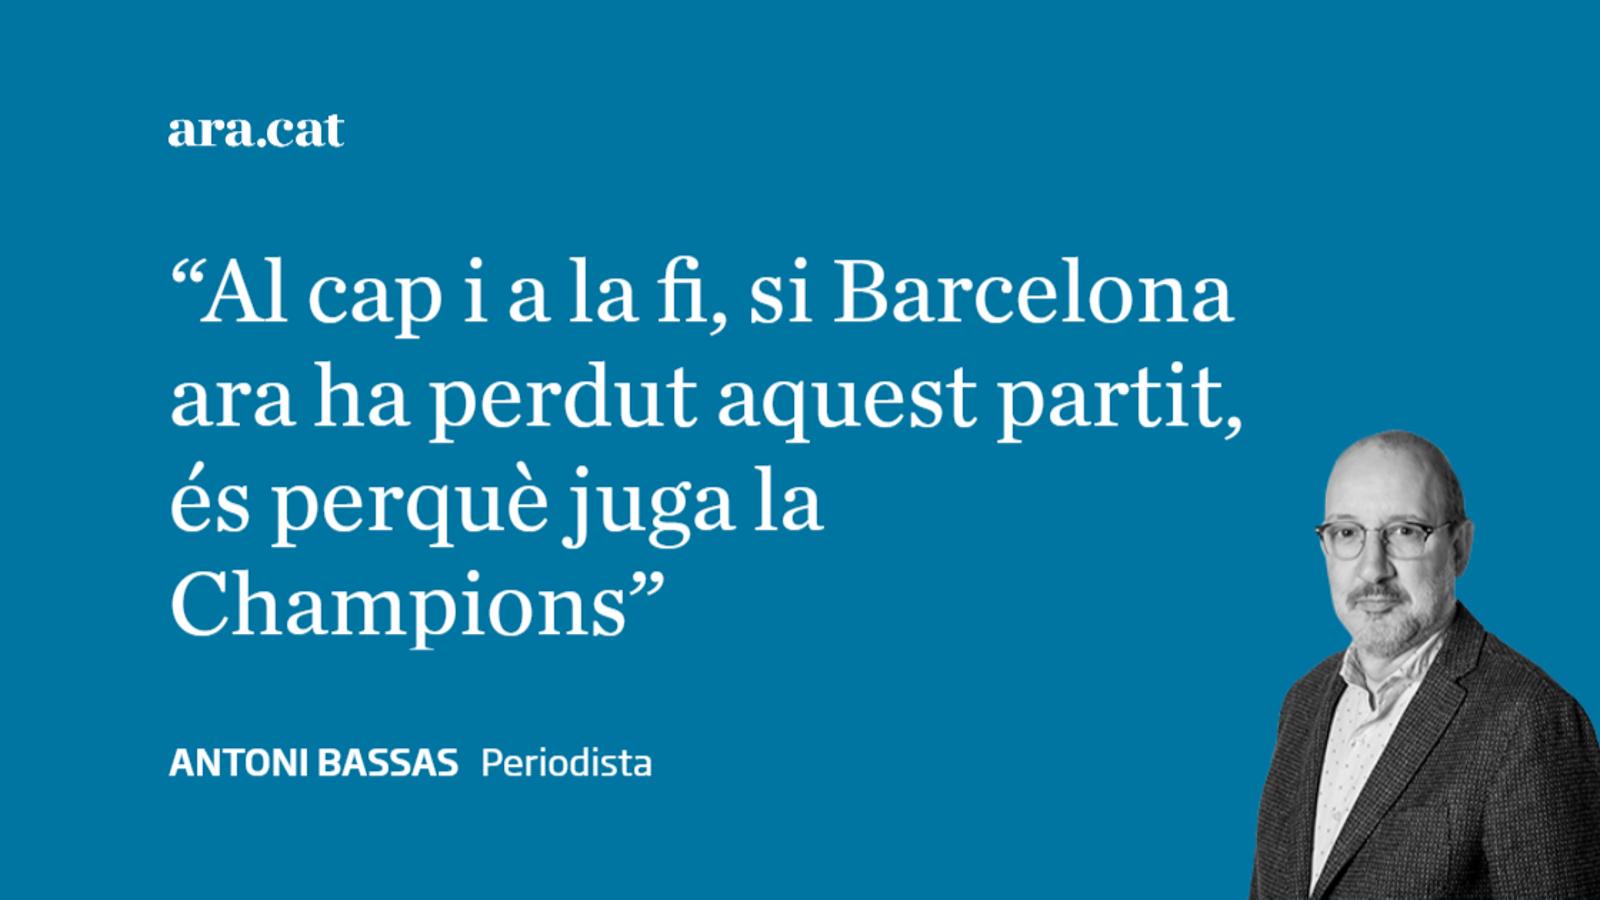 Apunts sobre un dia fosc a Barcelona